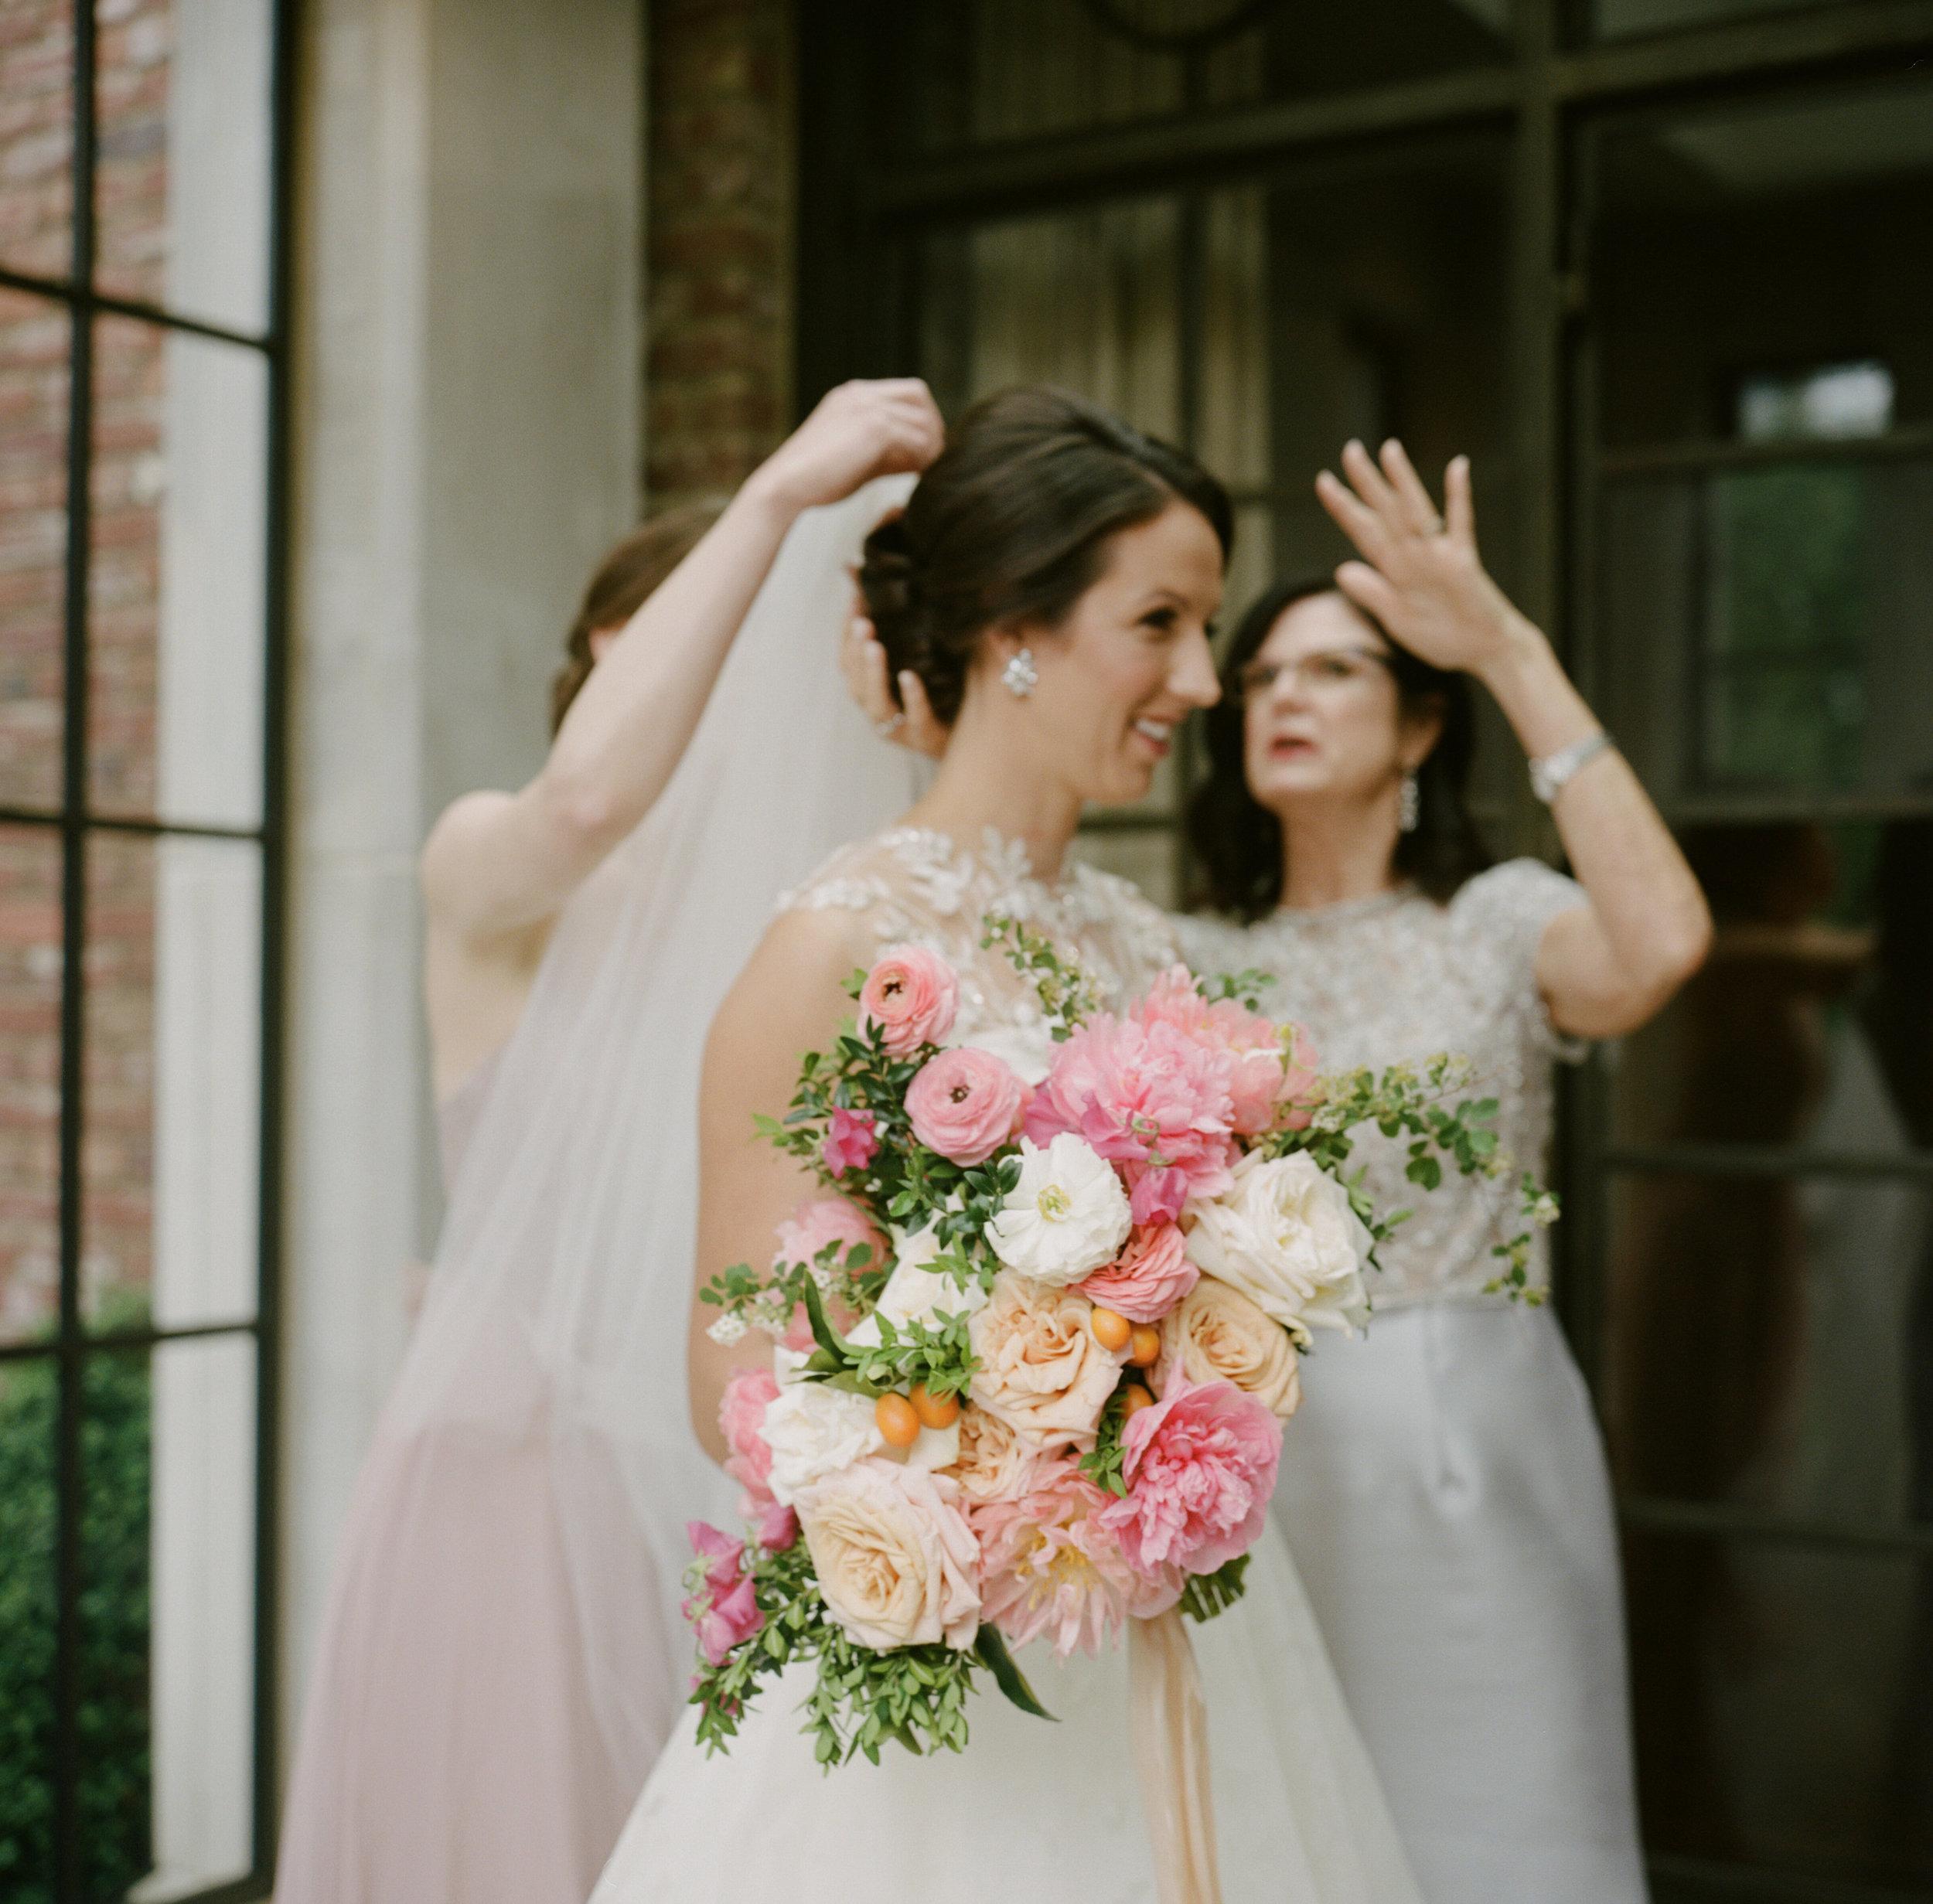 Wedding Flowers Lexington Ky: Owensboro Kentucky Wedding Florist